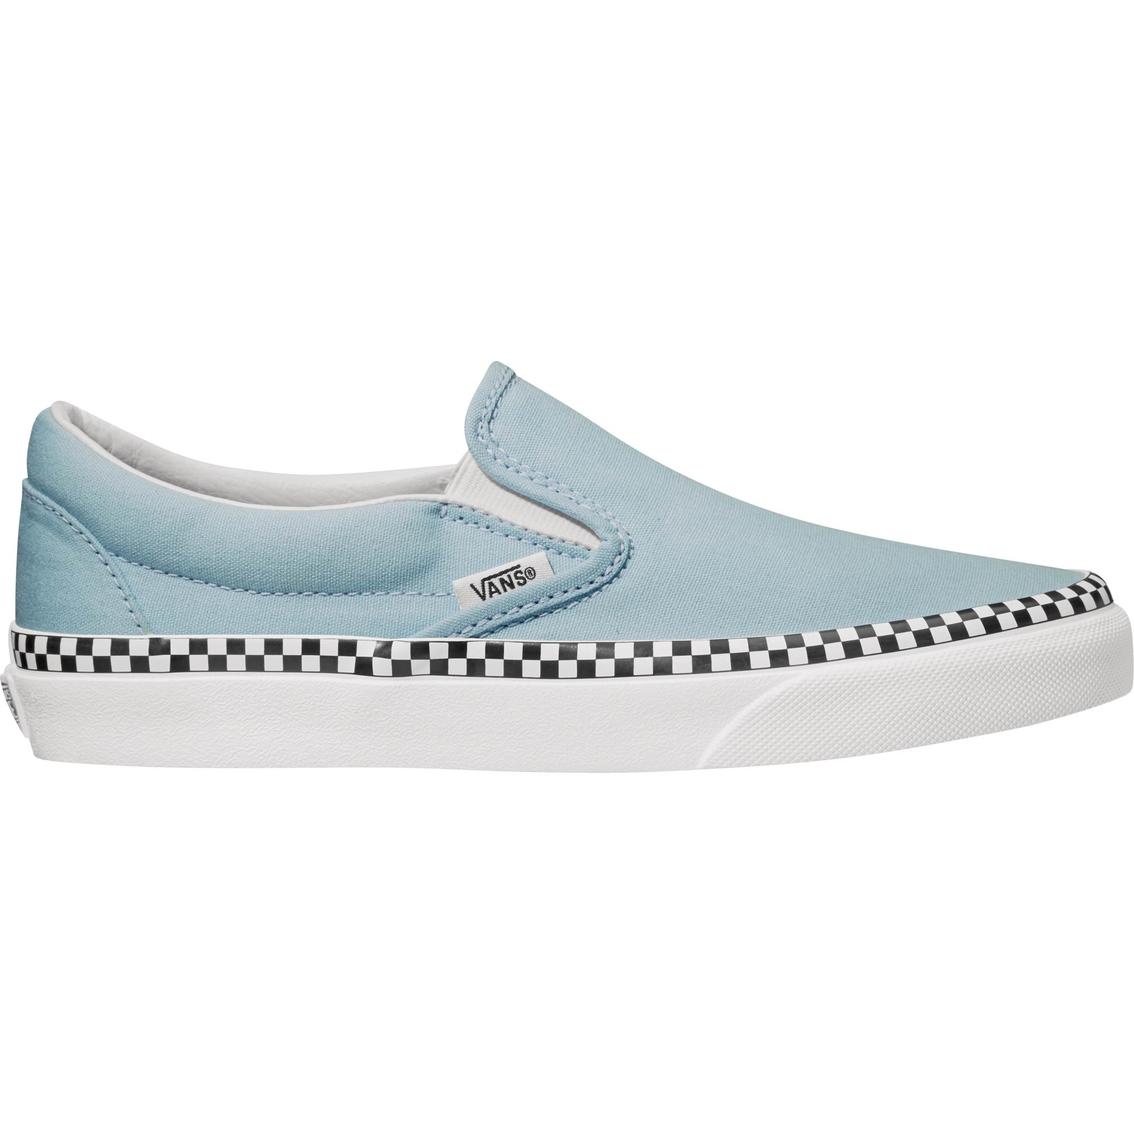 Vans Womens Slip On Cool Blue